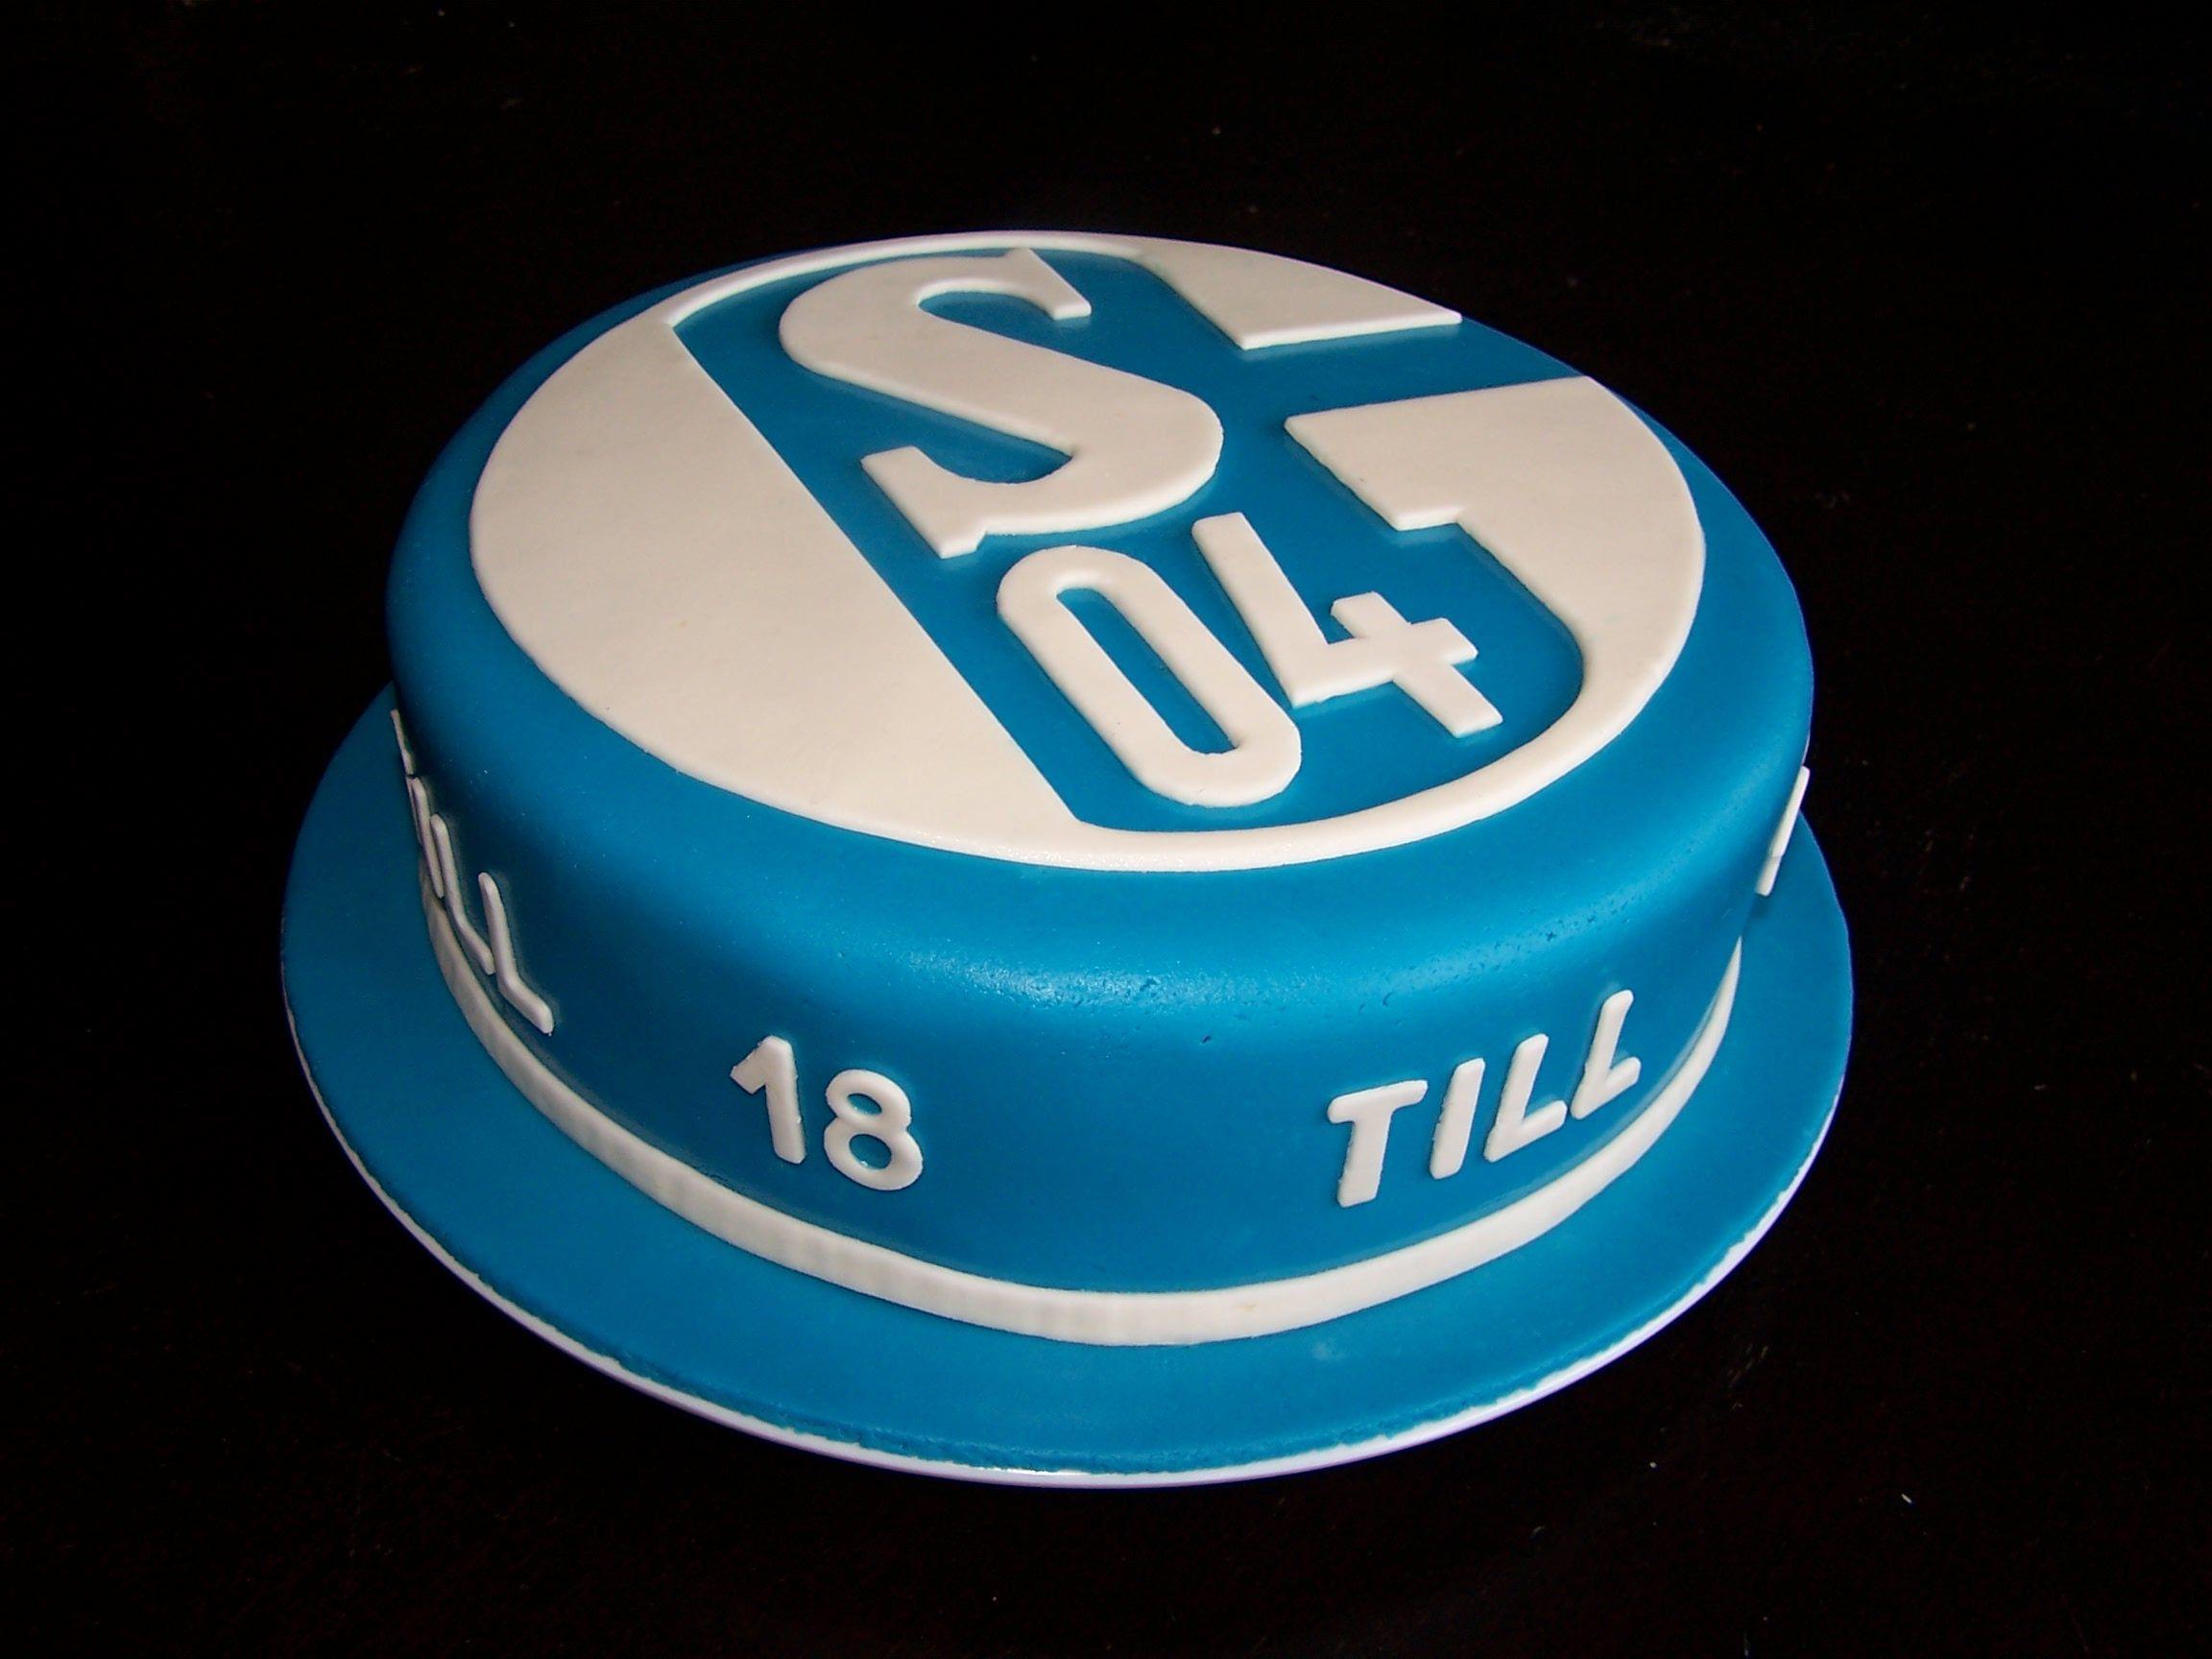 Fußballtorte Fondant Schalke 04 Football Fondant Cake